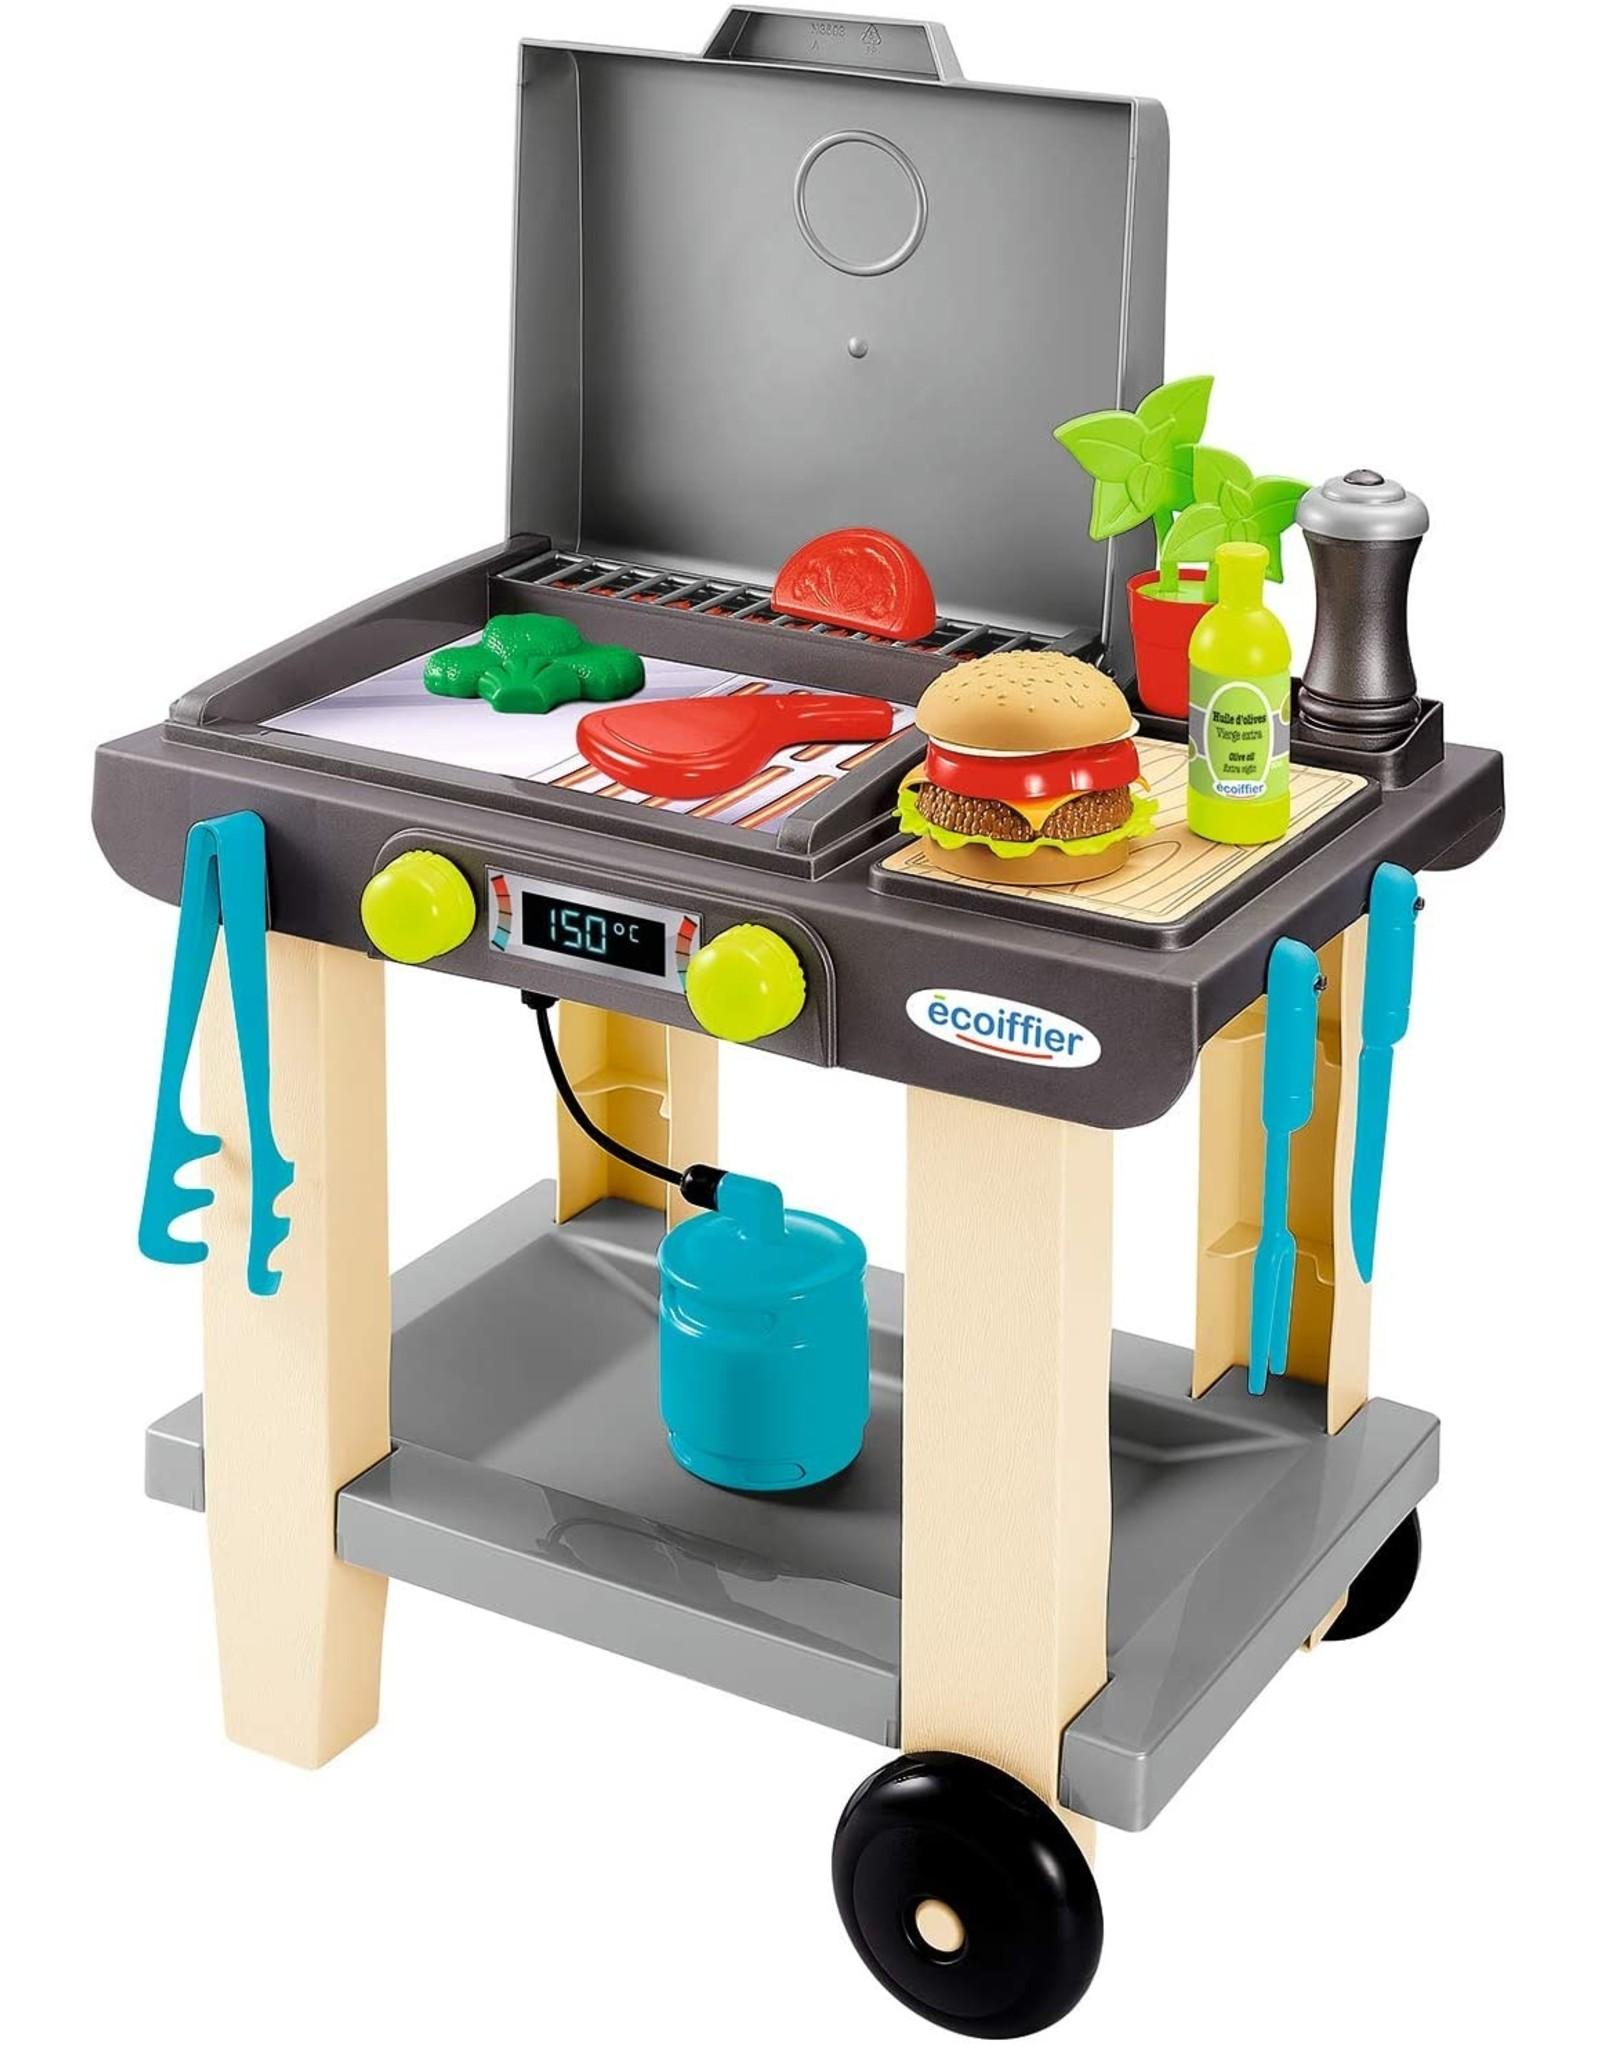 écoiffier Toy Barbeque 23-piece